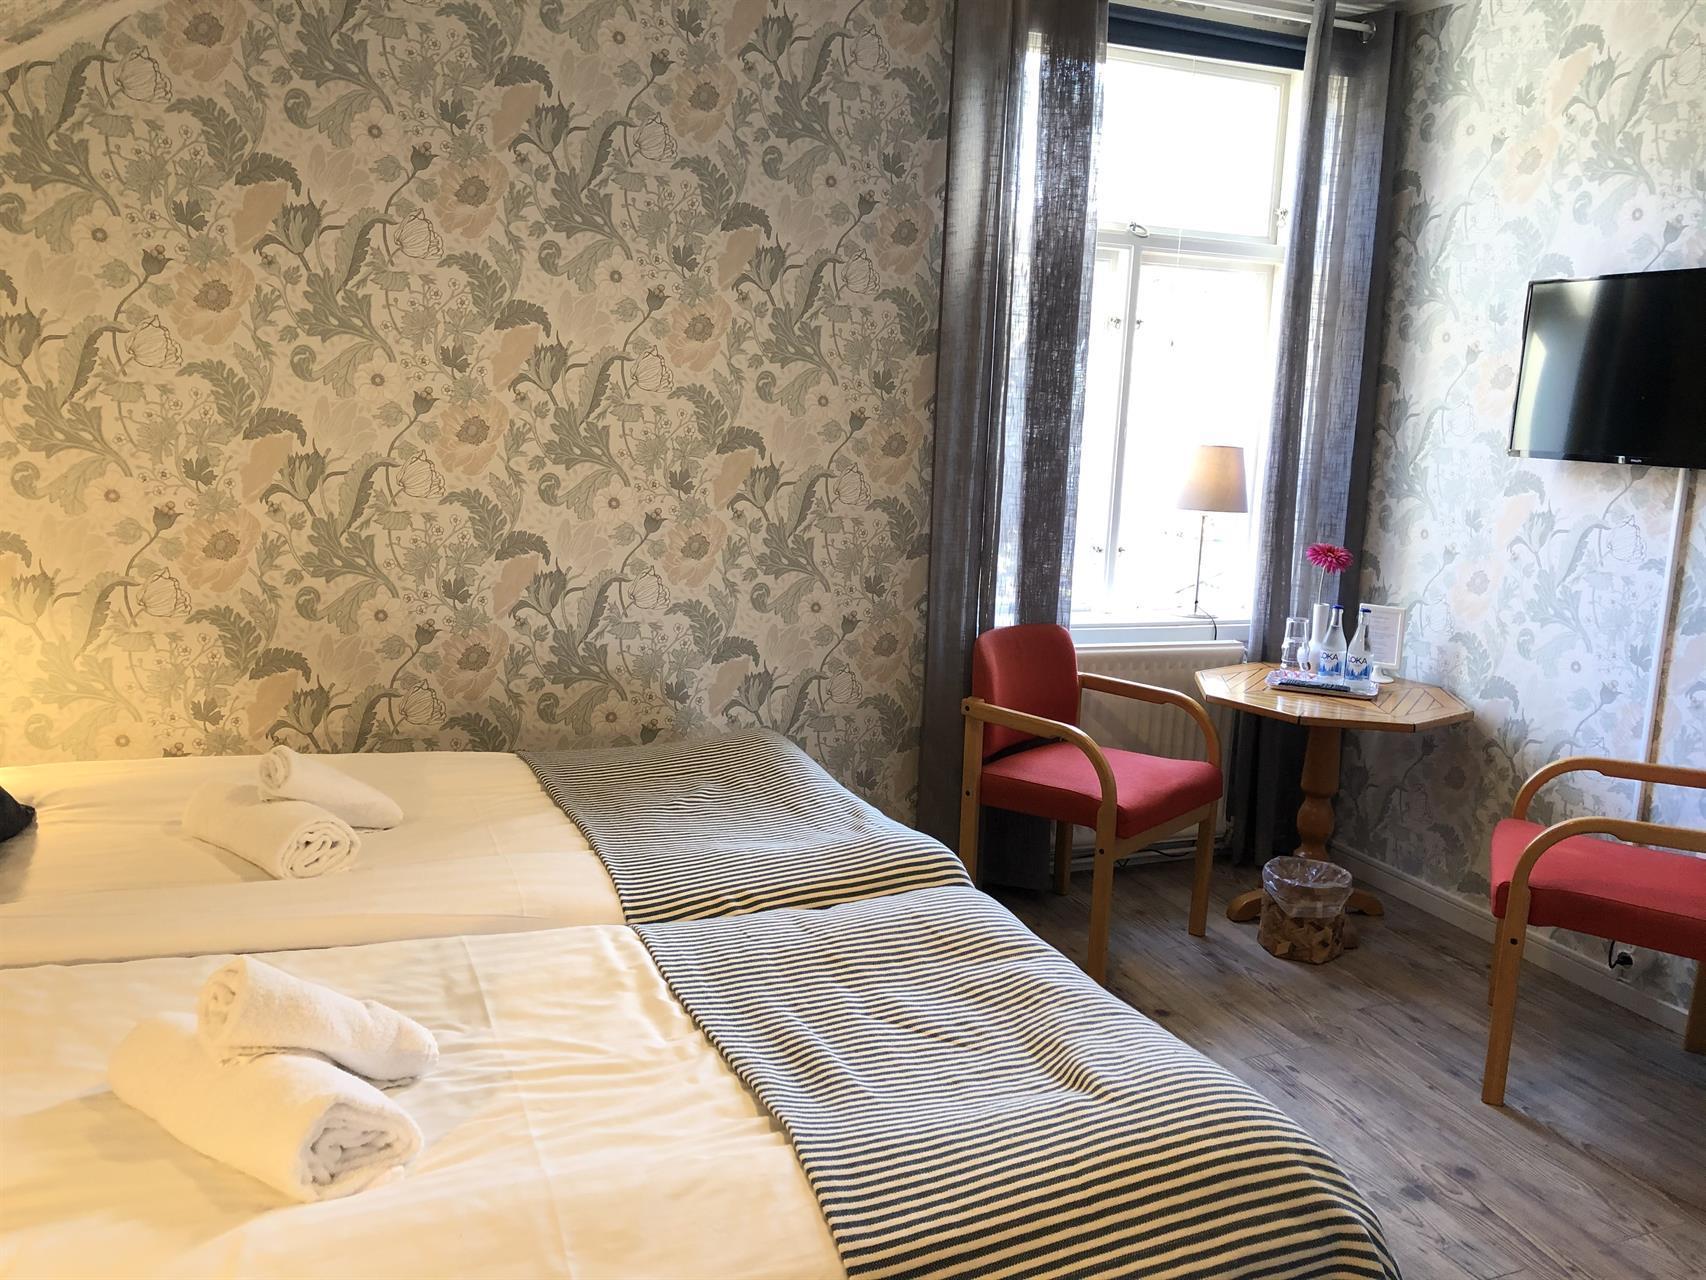 Rum 3. Mysigt rum med 2 st 90 cm sängar, stor toalett & dusch utanför rummet.